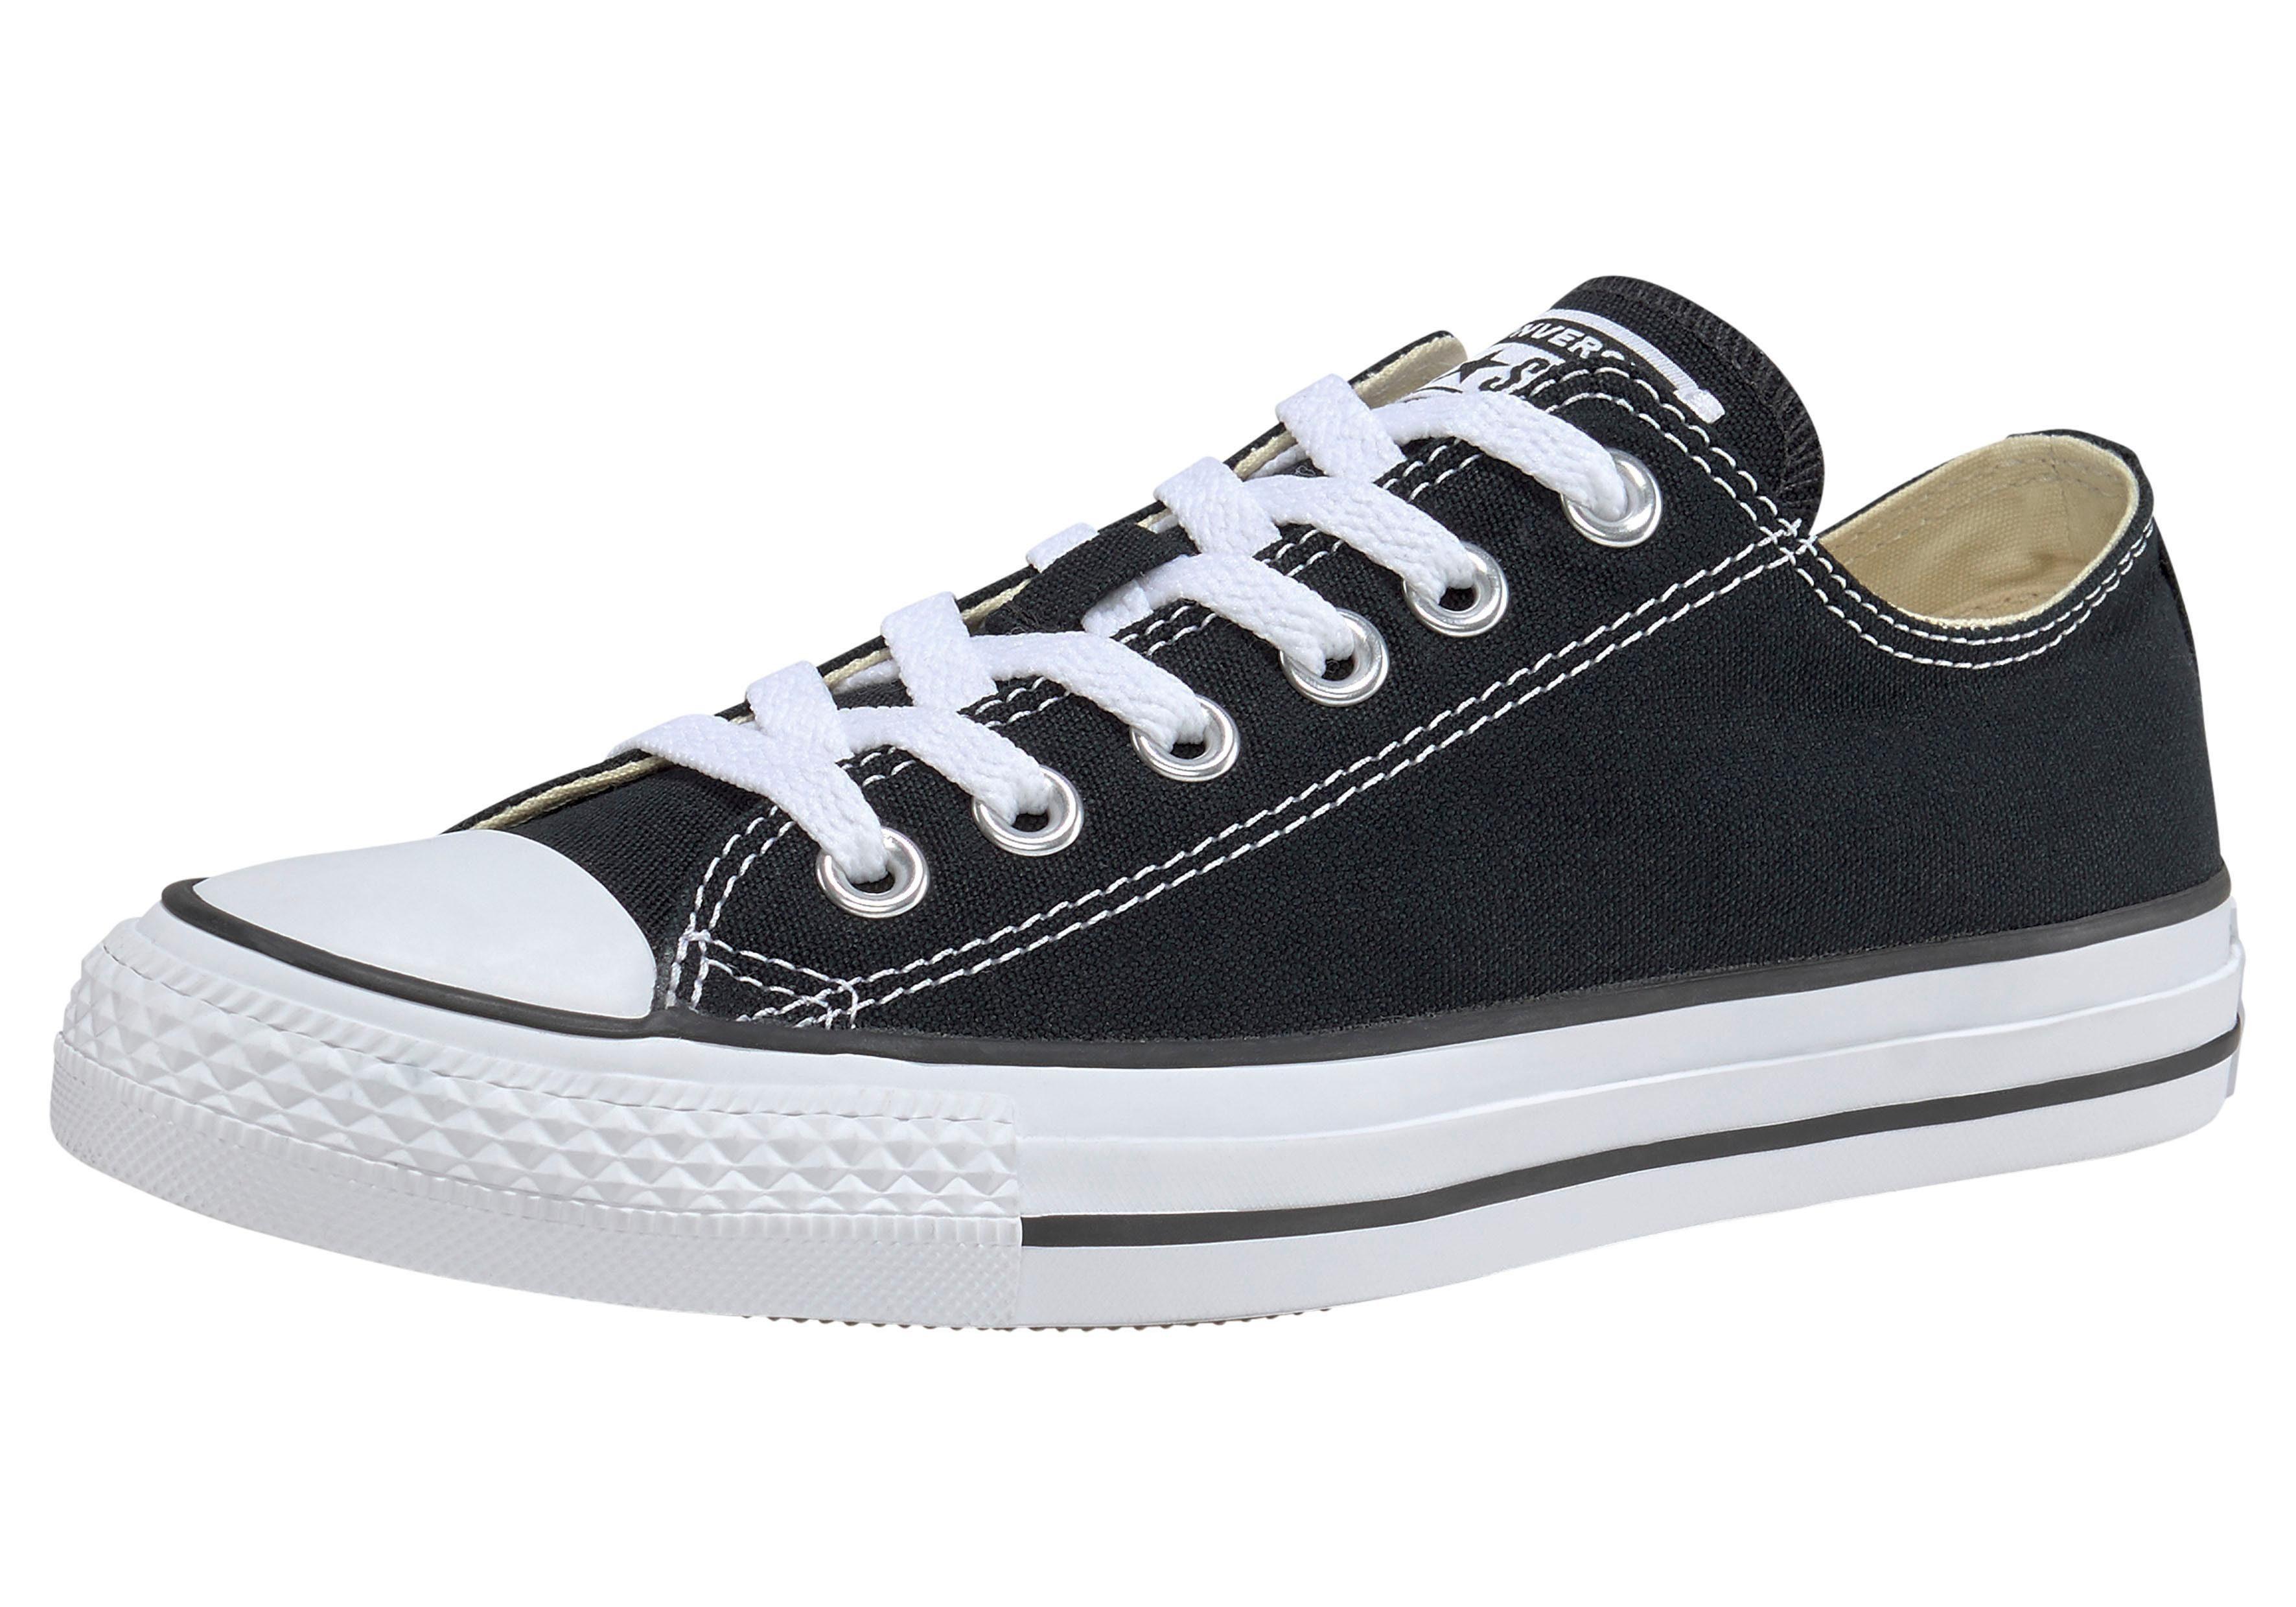 CONVERSE Sneaker 'Chuck Taylor All Star Core OX' Herren